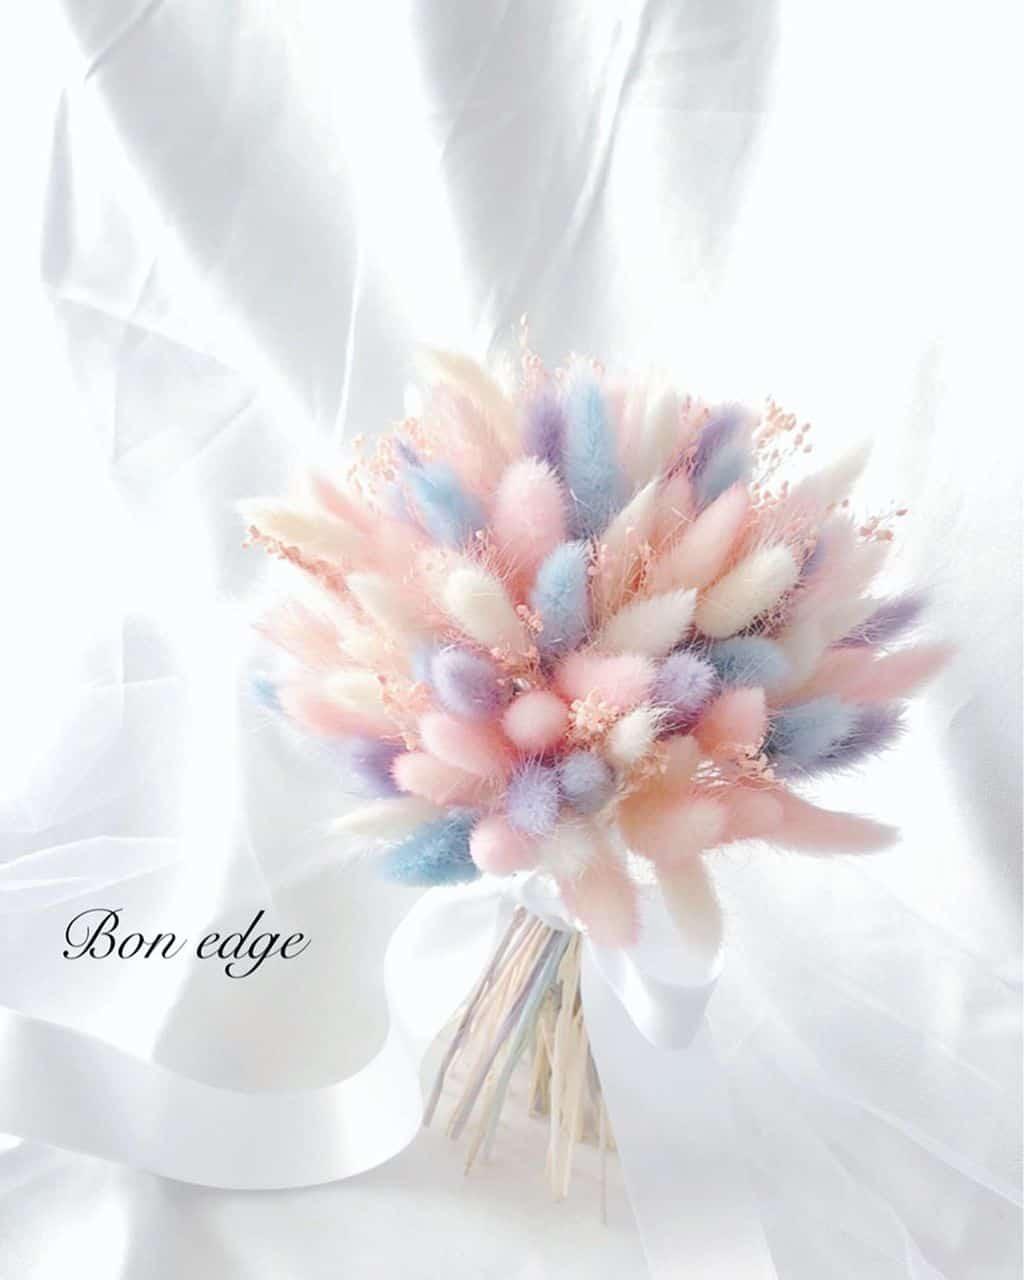 ふわふわ可愛い♡ラグラスを使ったウェディングブーケが魅力的*⁺のカバー写真